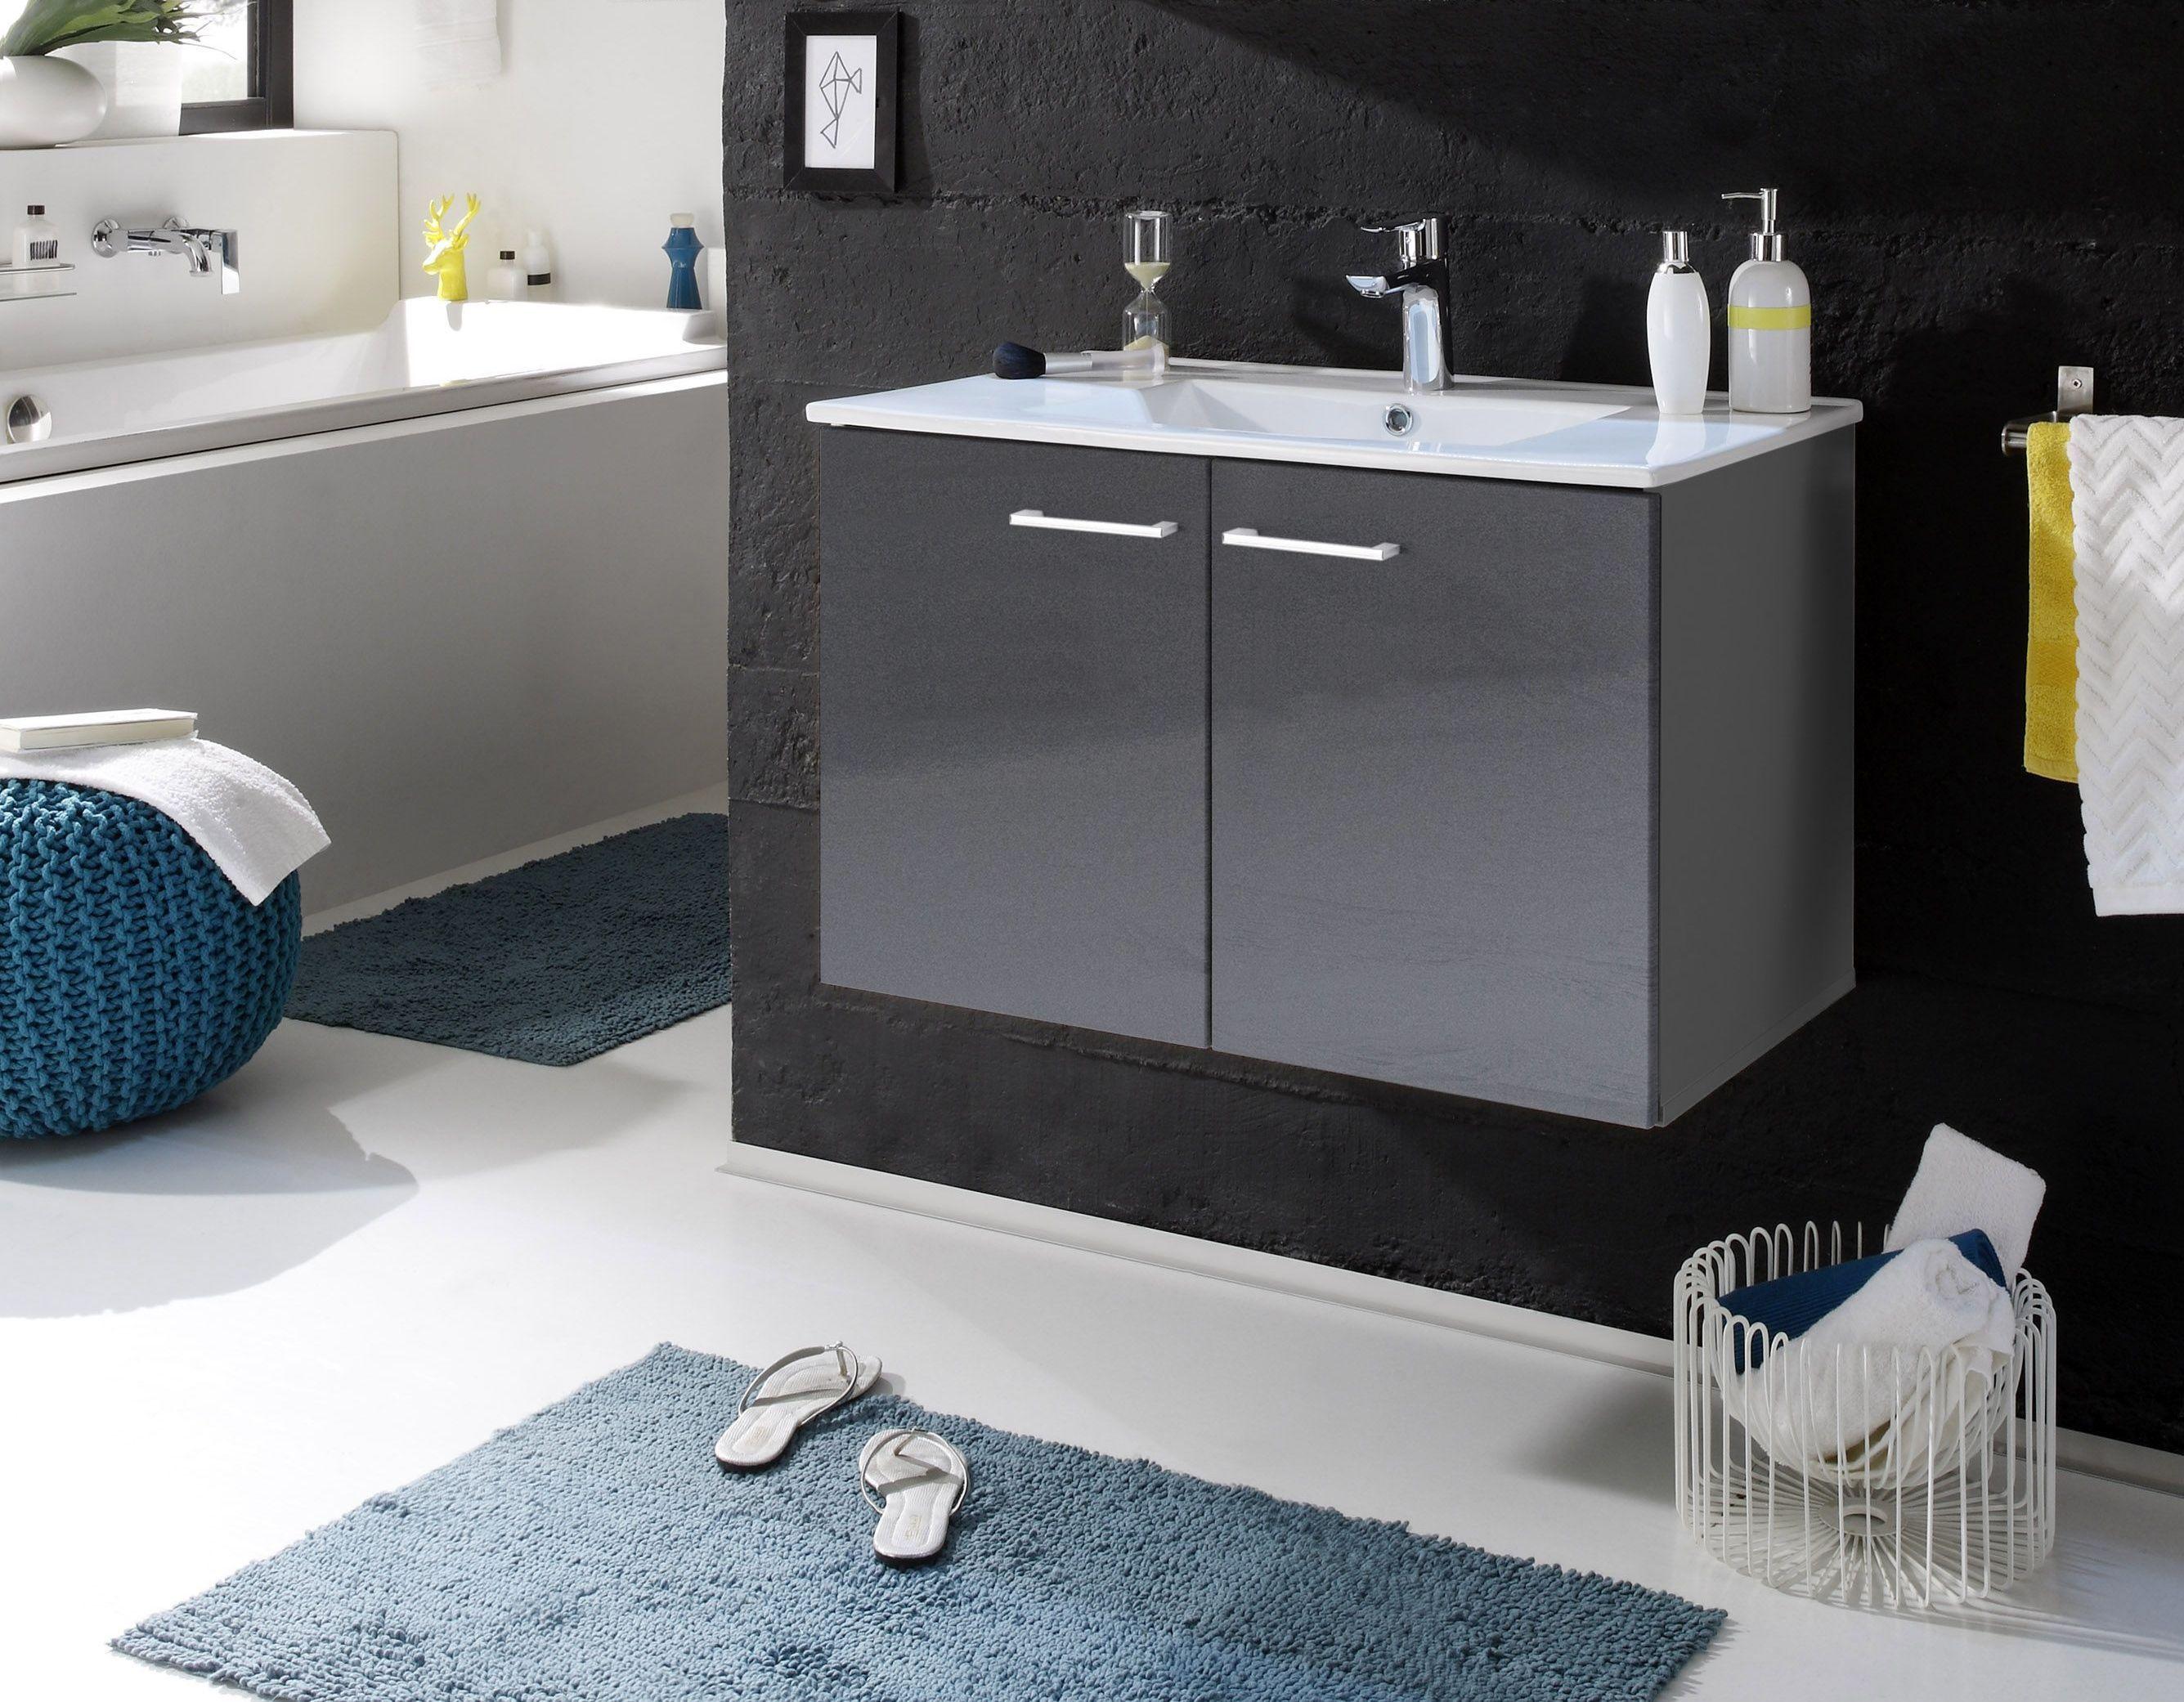 Waschbeckenunterschrank Mit Becken Grau Woody 32-00144 Holz Modern ...